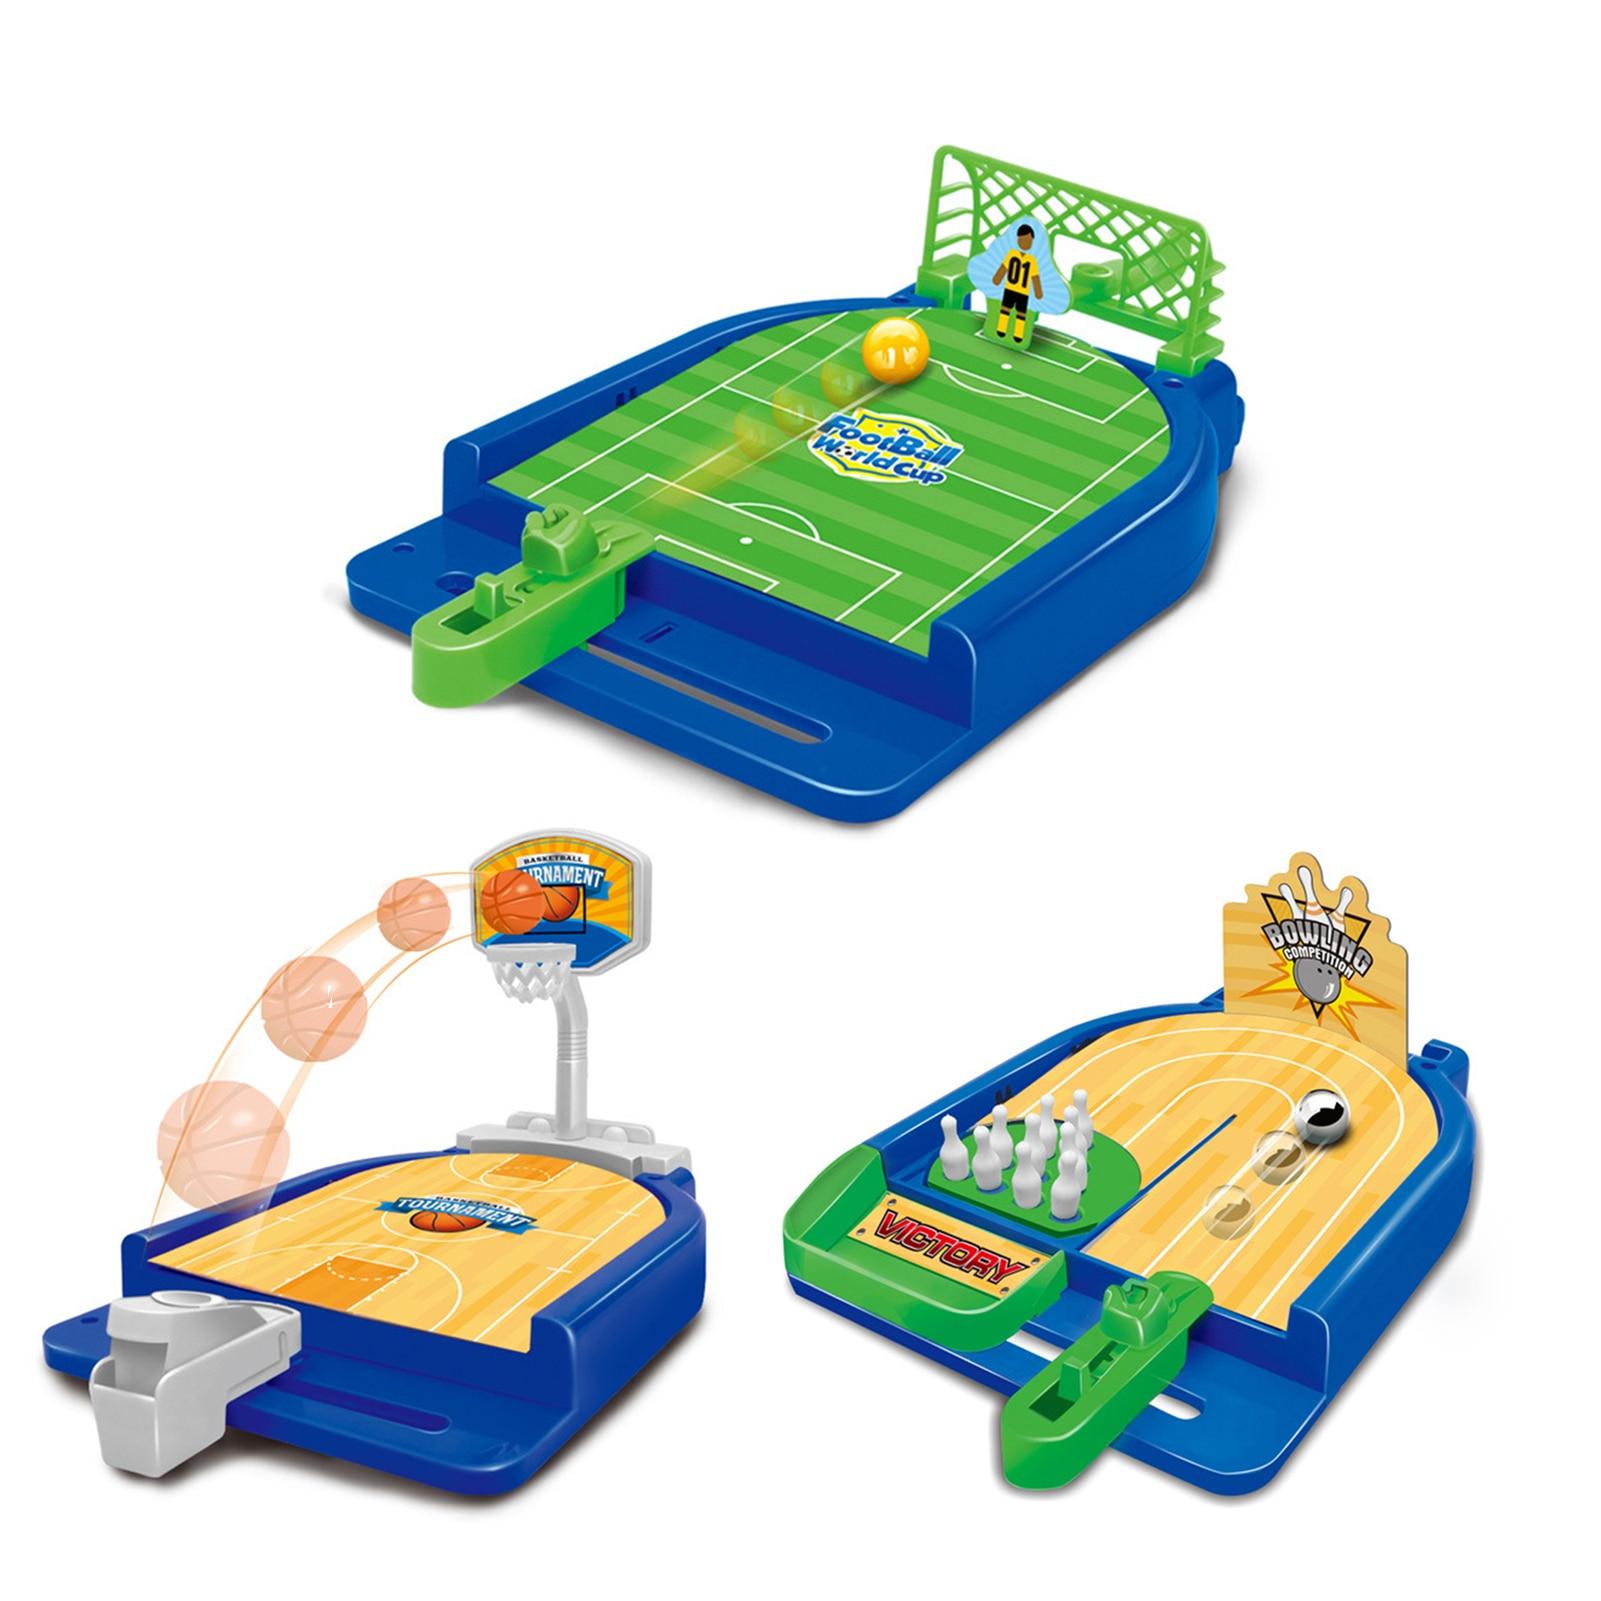 Фото - Мини игра для стрельбы настольные спортивные игры для детей Баскетбол Футбол боулинг игры для детей Семейная Игра настольные игры bradex настольная игра пальчиковый футбол